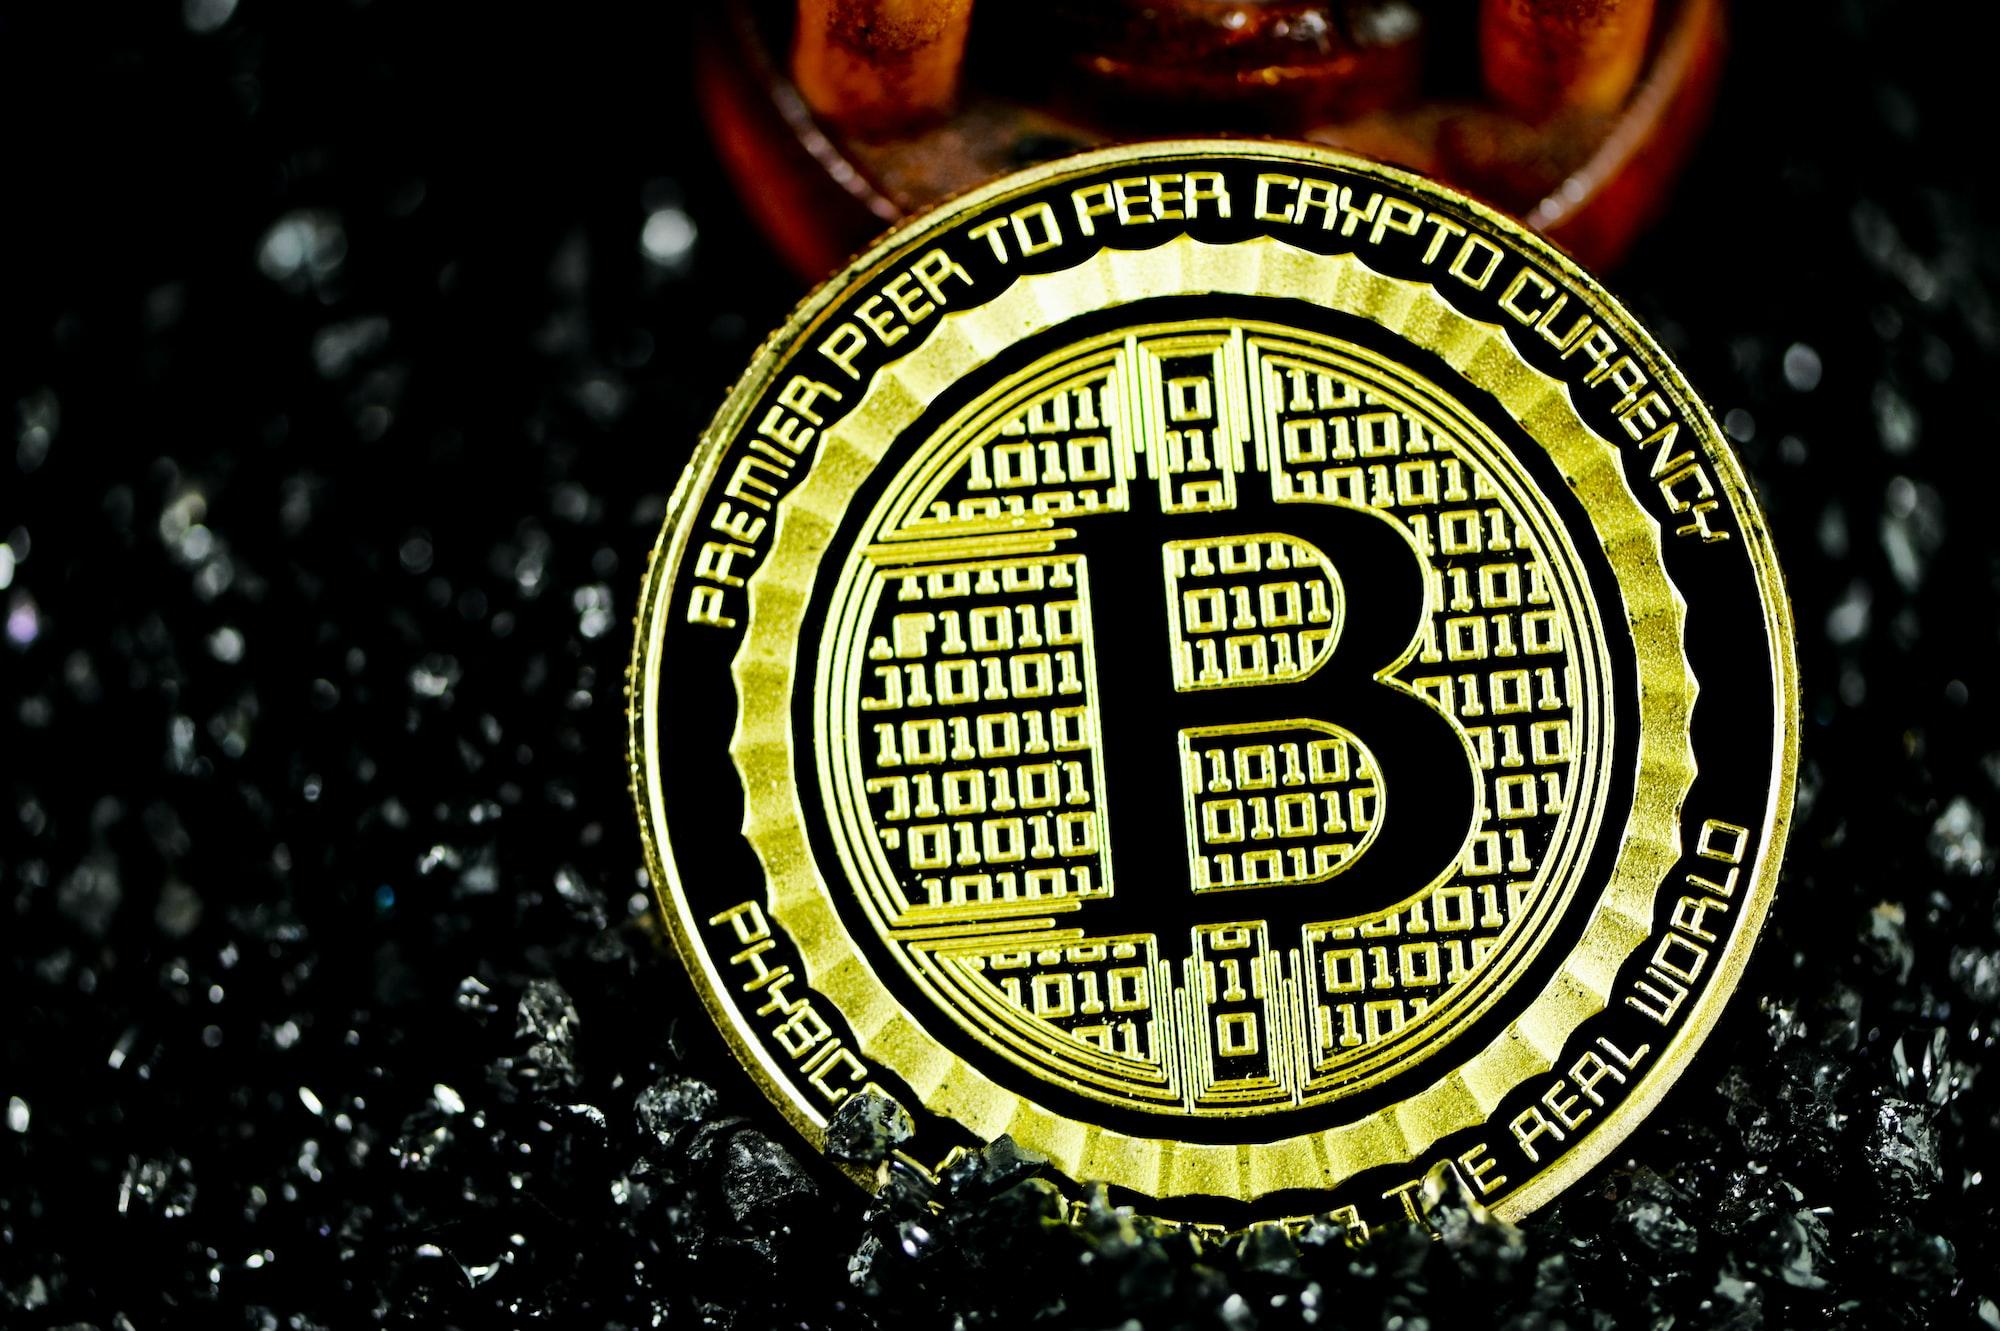 ความยากในการขุด Bitcoin ทำสถิติสูงสุดในรอบ 7 ปี